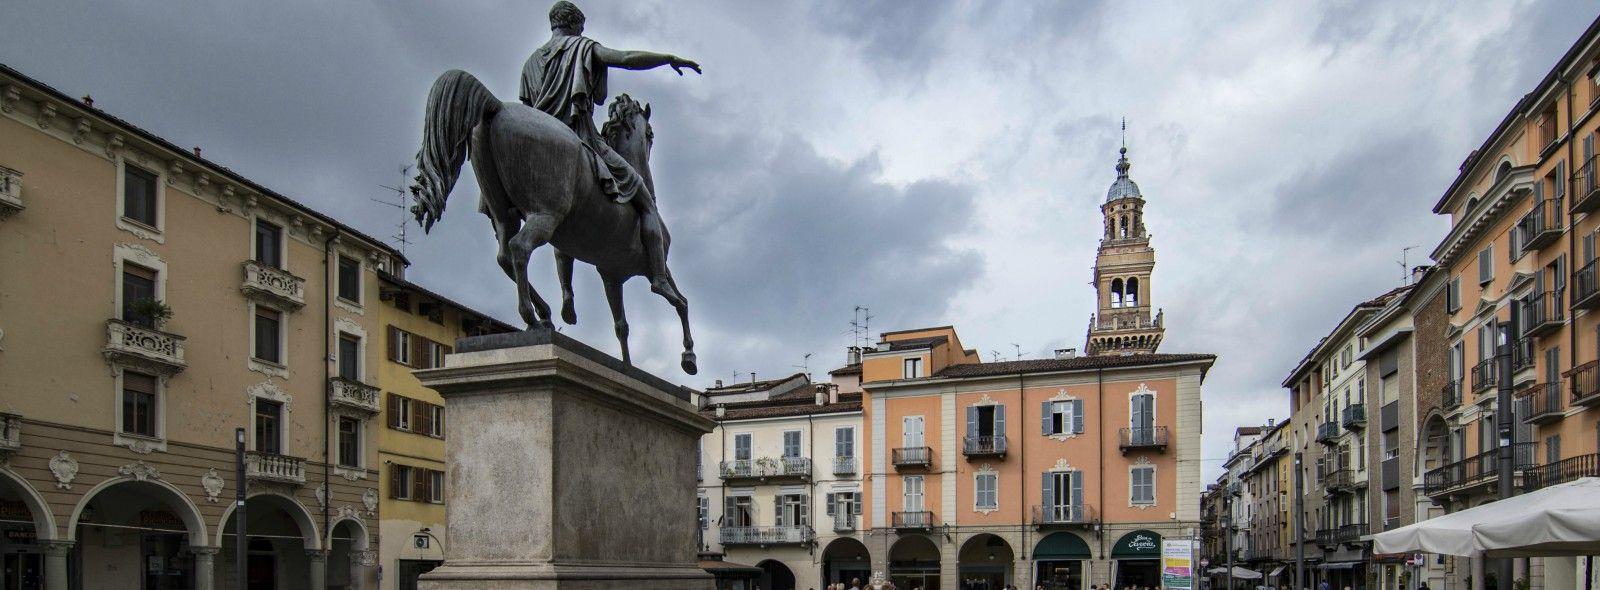 Agenzie immobiliari Casale Monferrato | Trovami